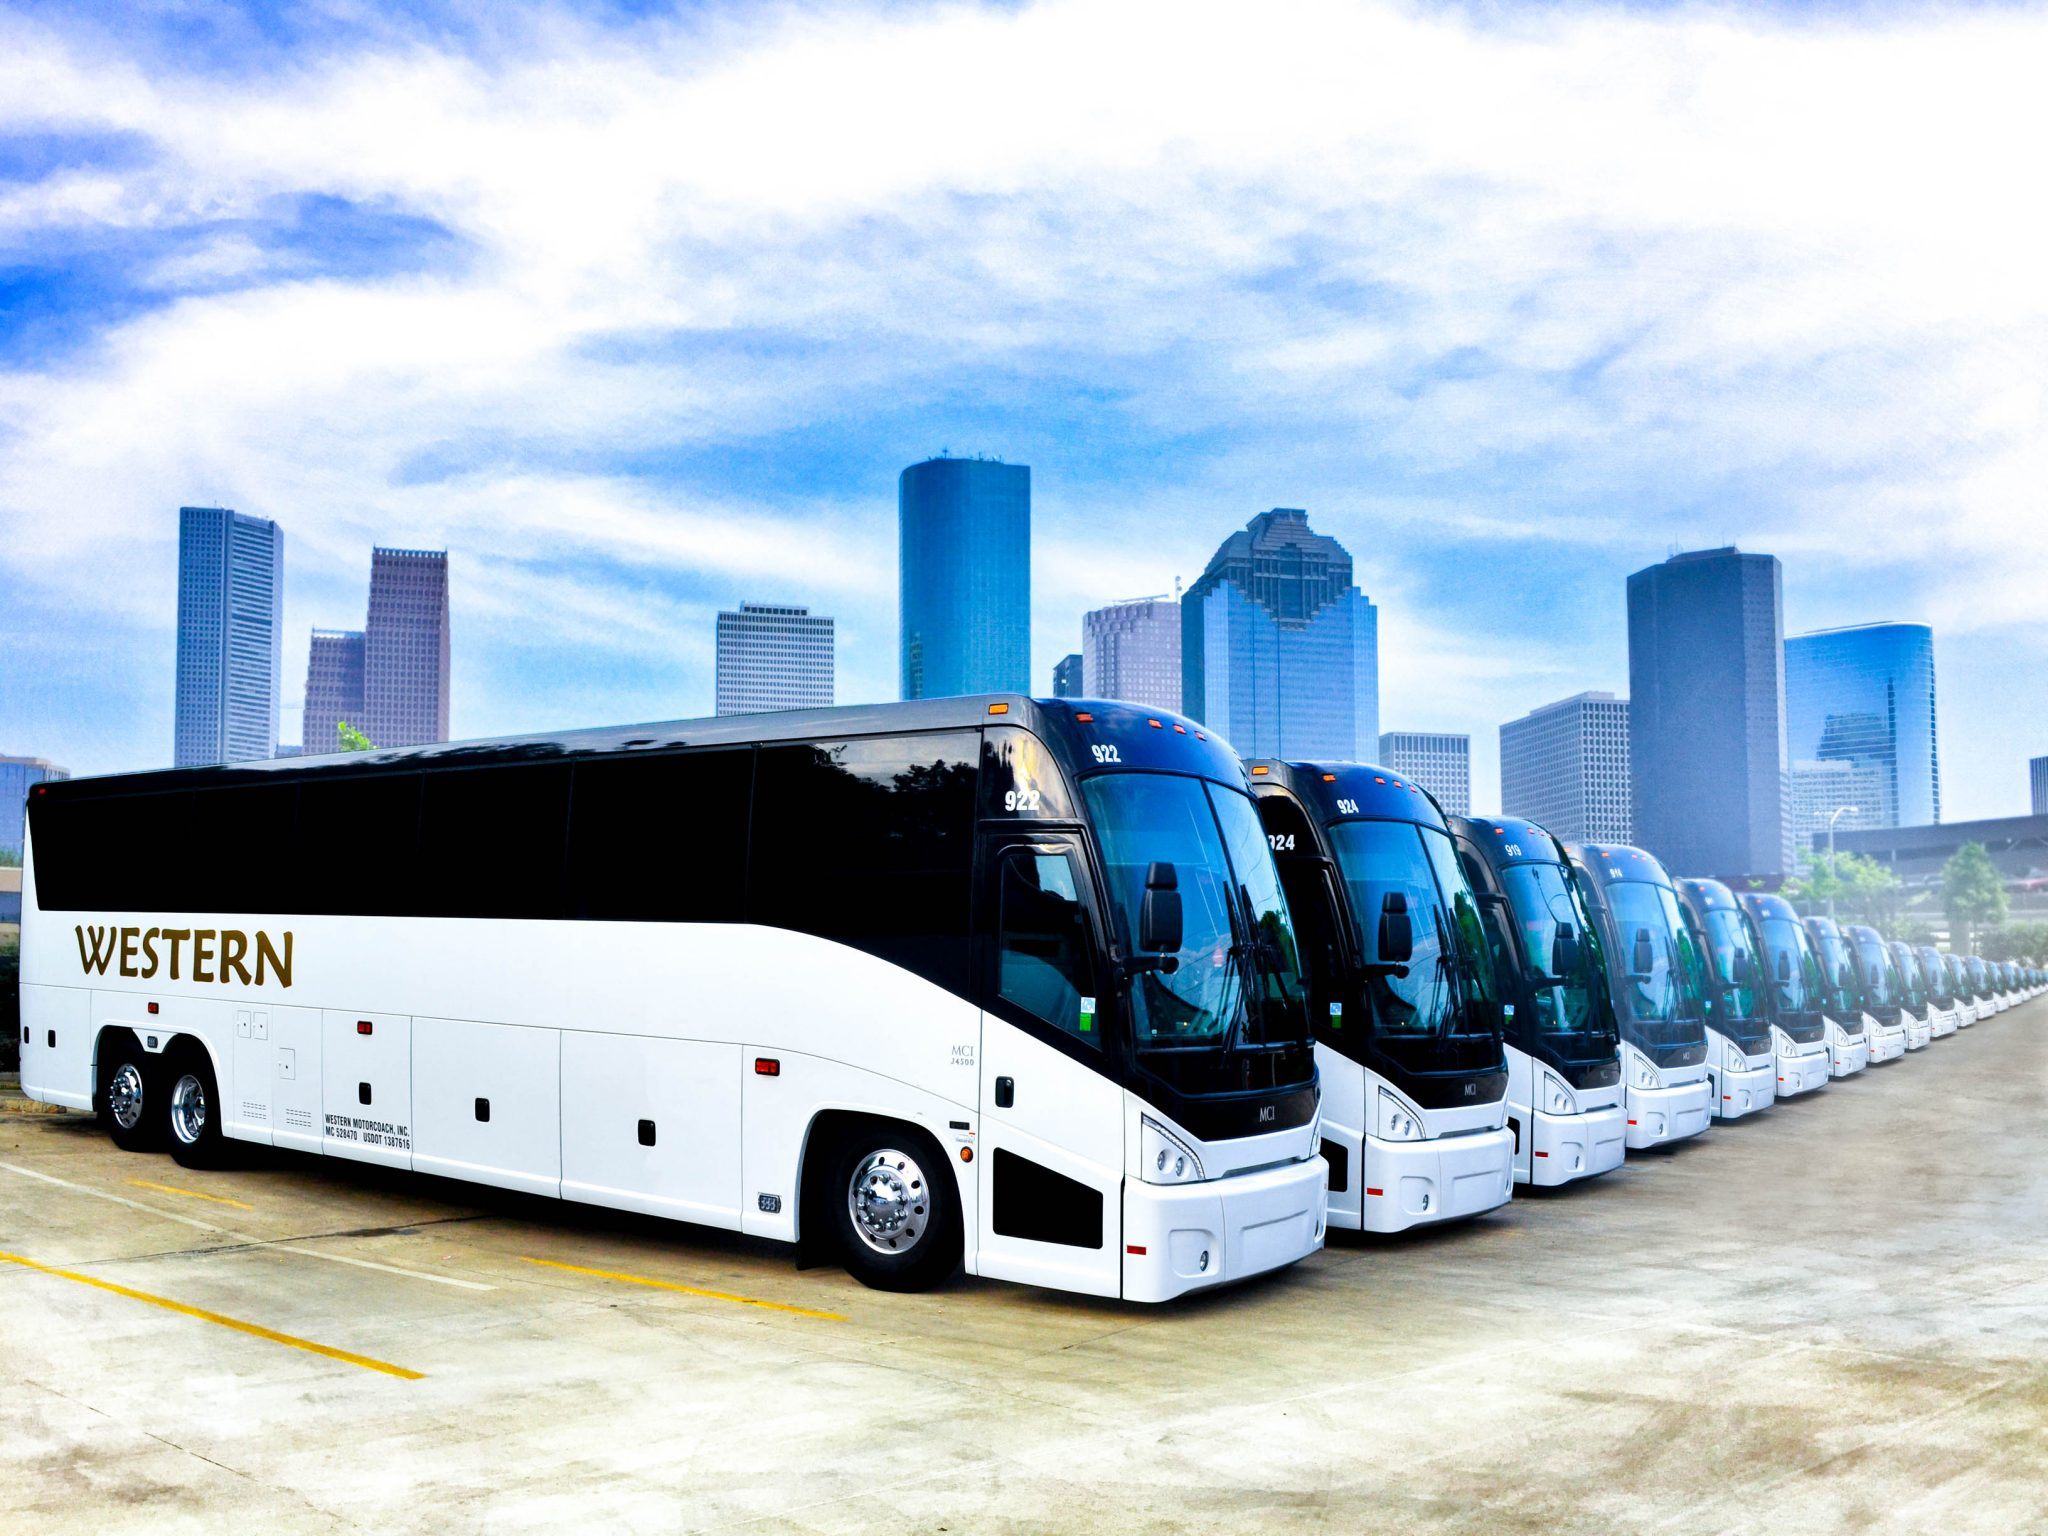 Western Motorcoch - Charter Bus Rental in Houston